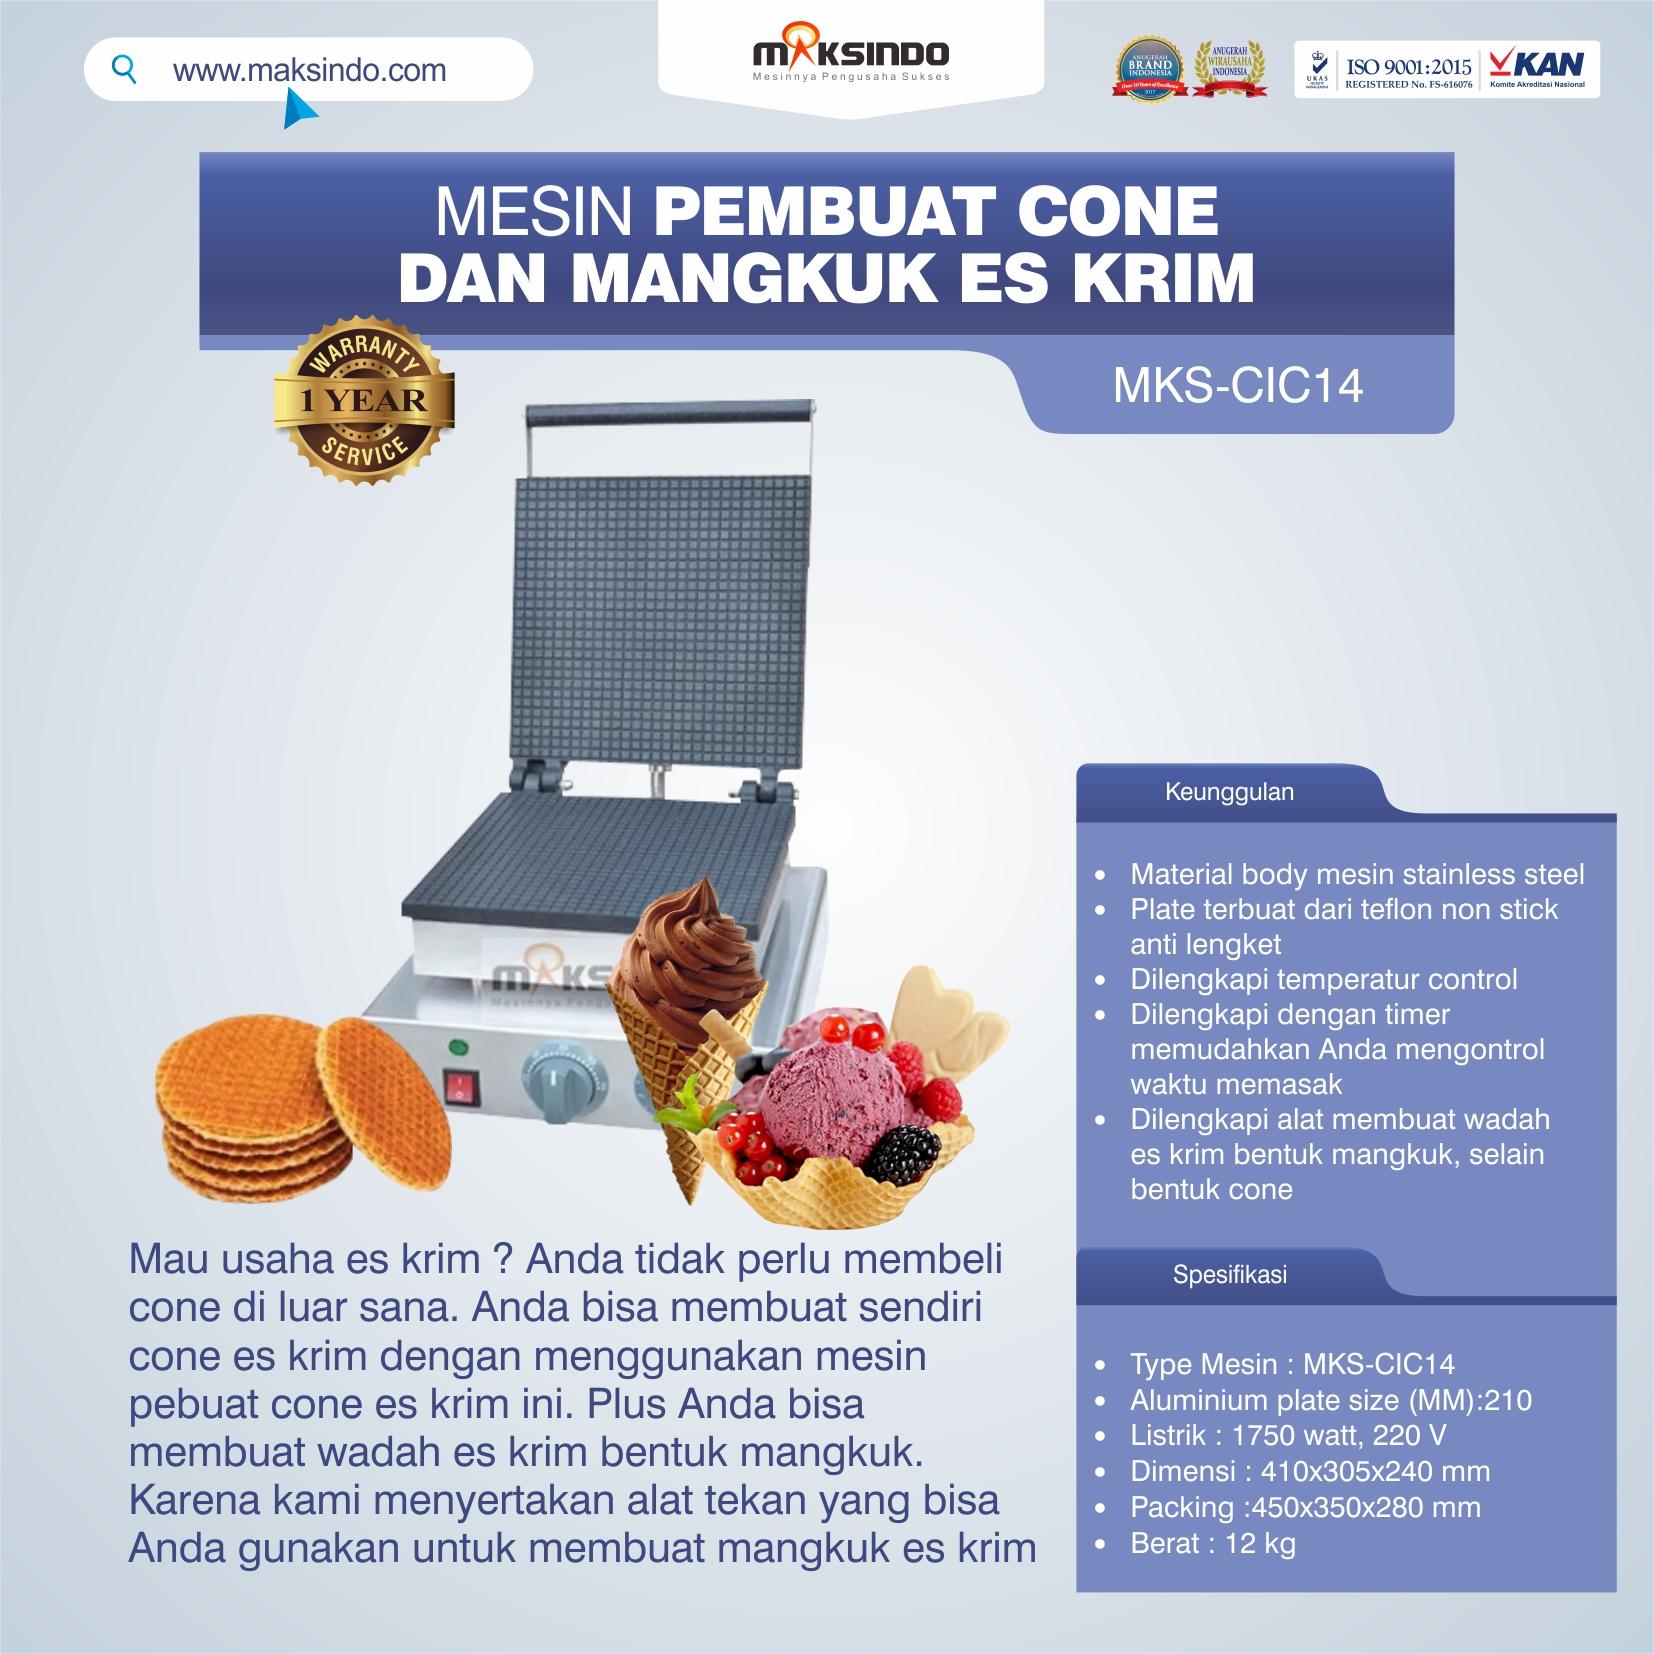 Jual Pembuat Cone dan Mangkuk Es Krim (CIC14) di Semarang